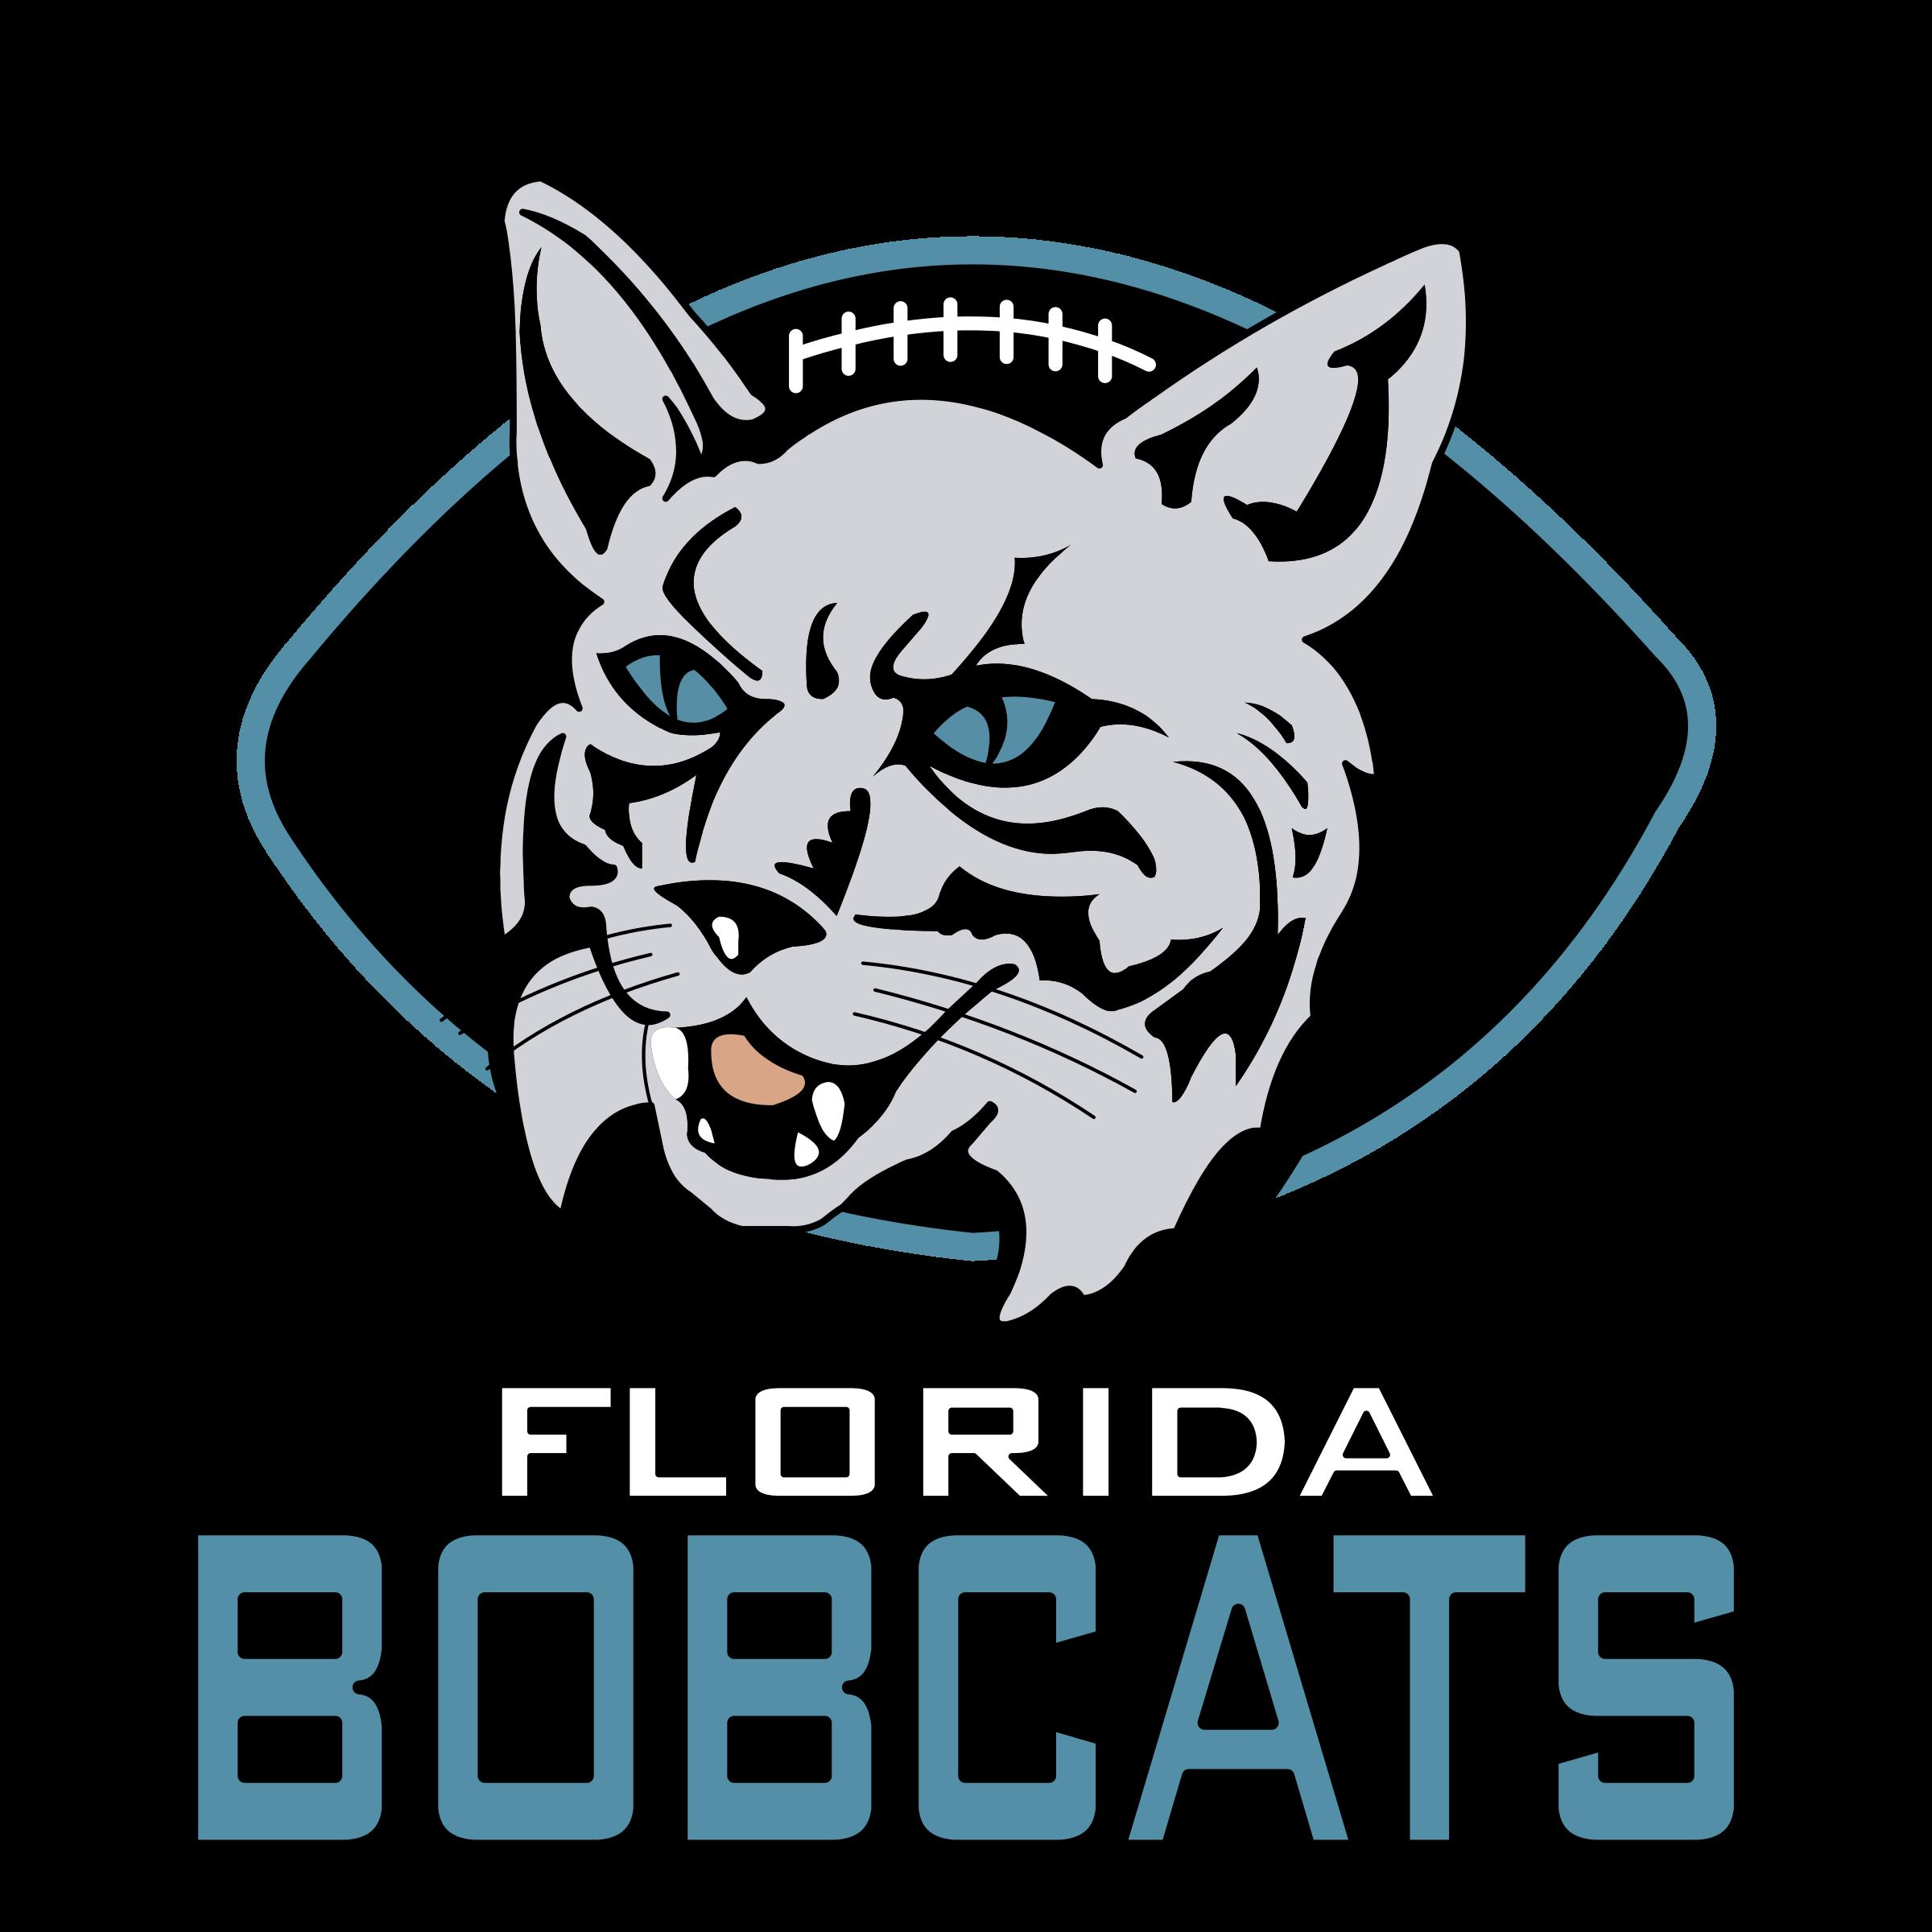 image royalty free download Bobcat clipart svg. Florida bobcats logo png